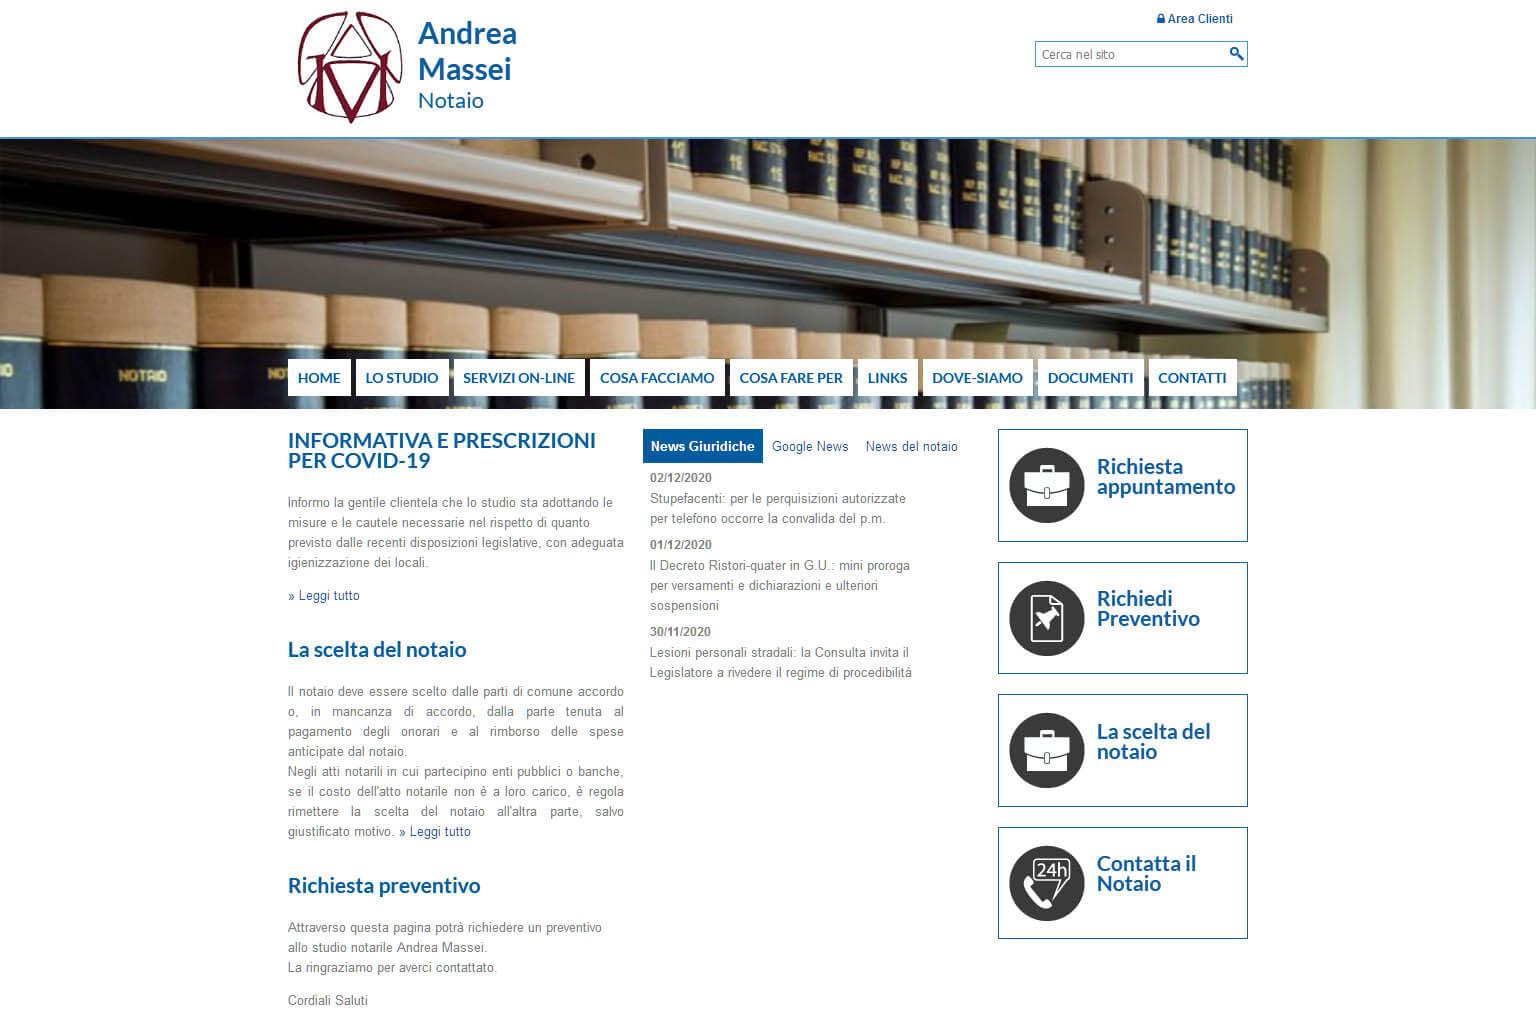 NotaioMyWeb | Notaio Andrea Massei